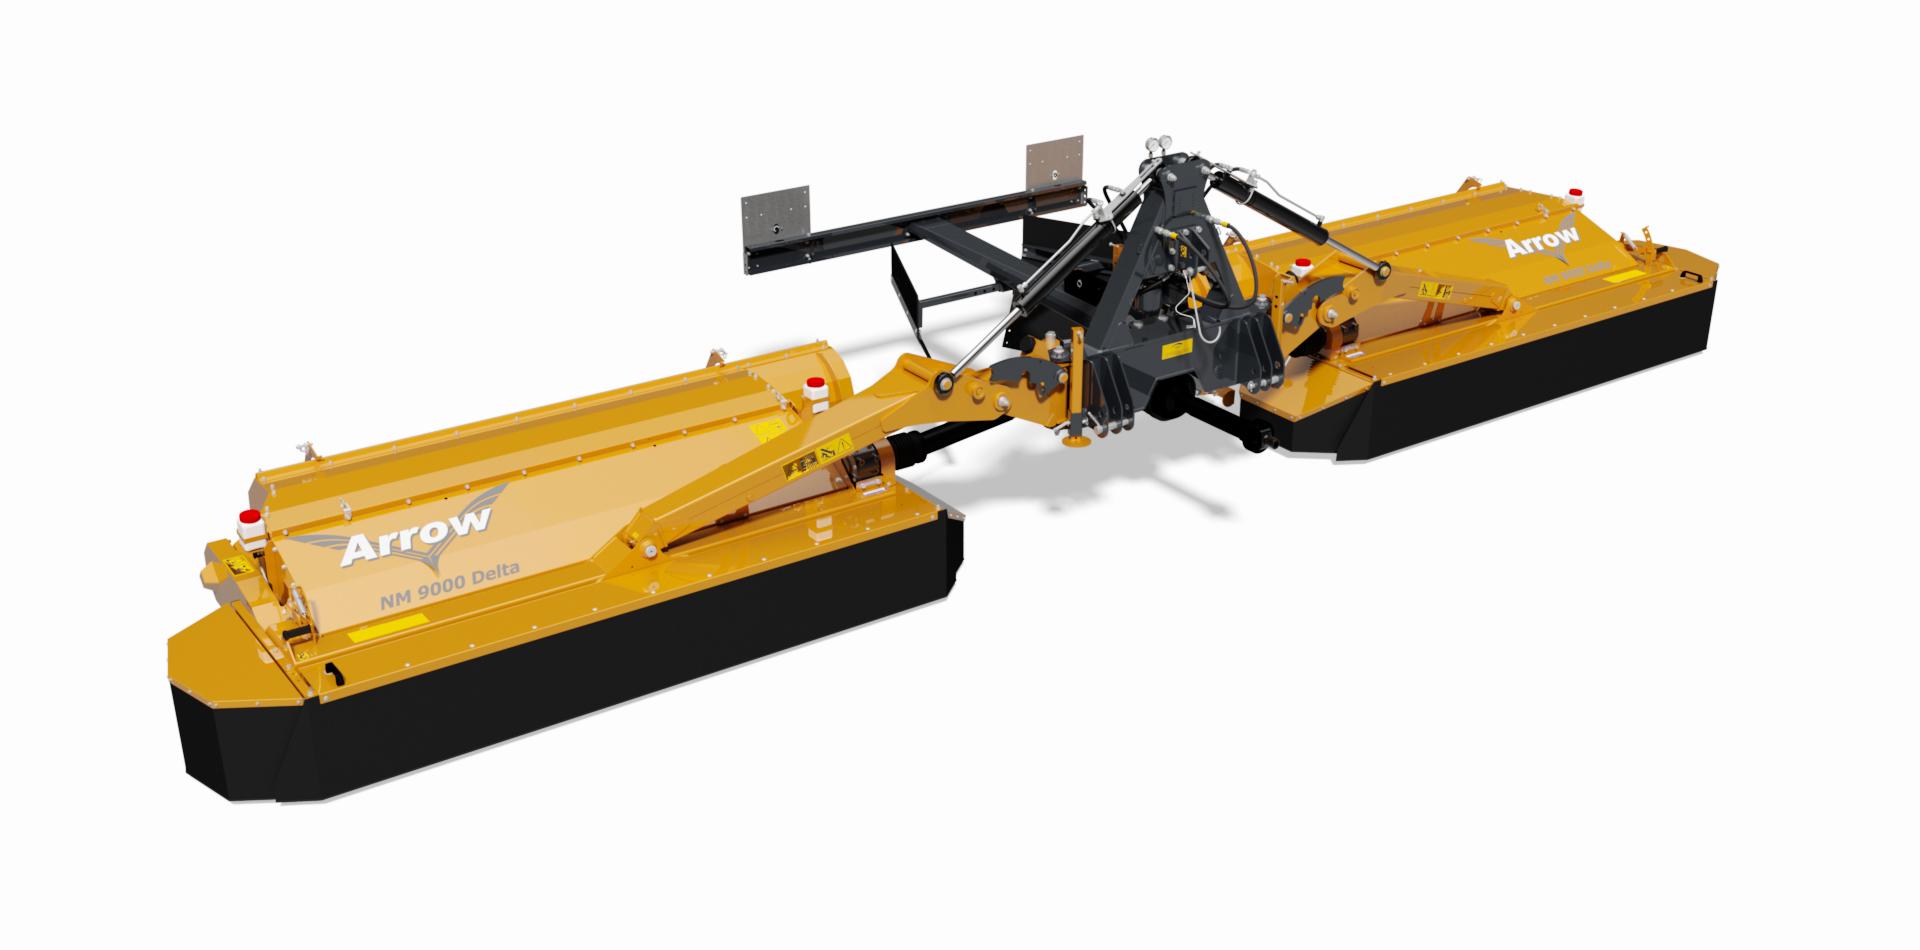 ARROW NM 9000 DELTA SIDEFLOW